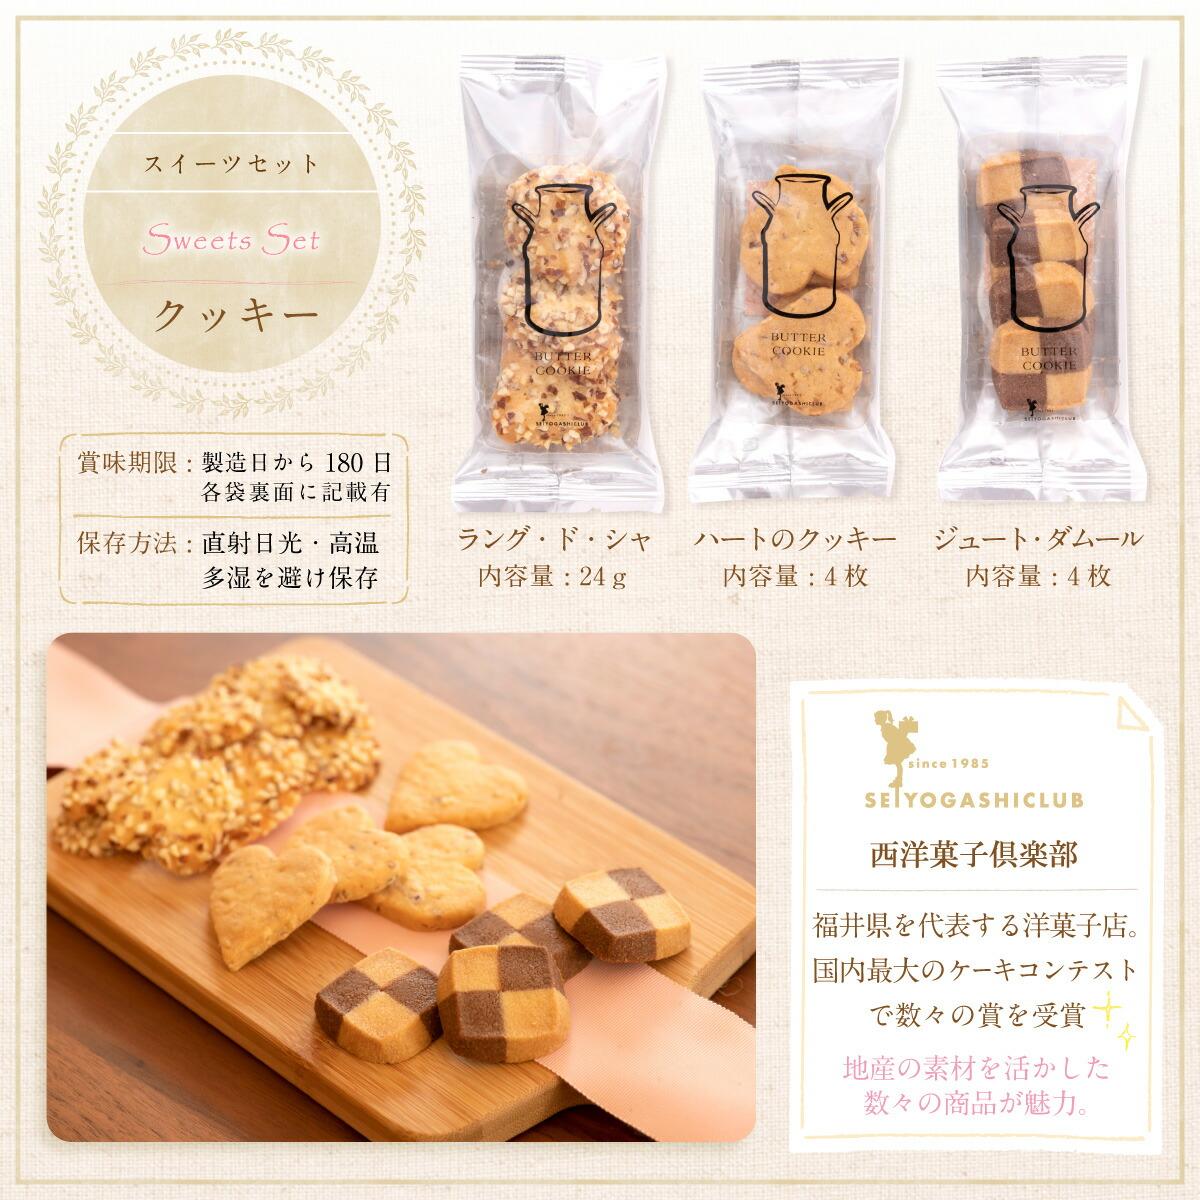 スイーツセットのクッキー。ラング・ド・シャ、ハートのクッキー、ジュート・ダムールは西洋菓子倶楽部のクッキーです。